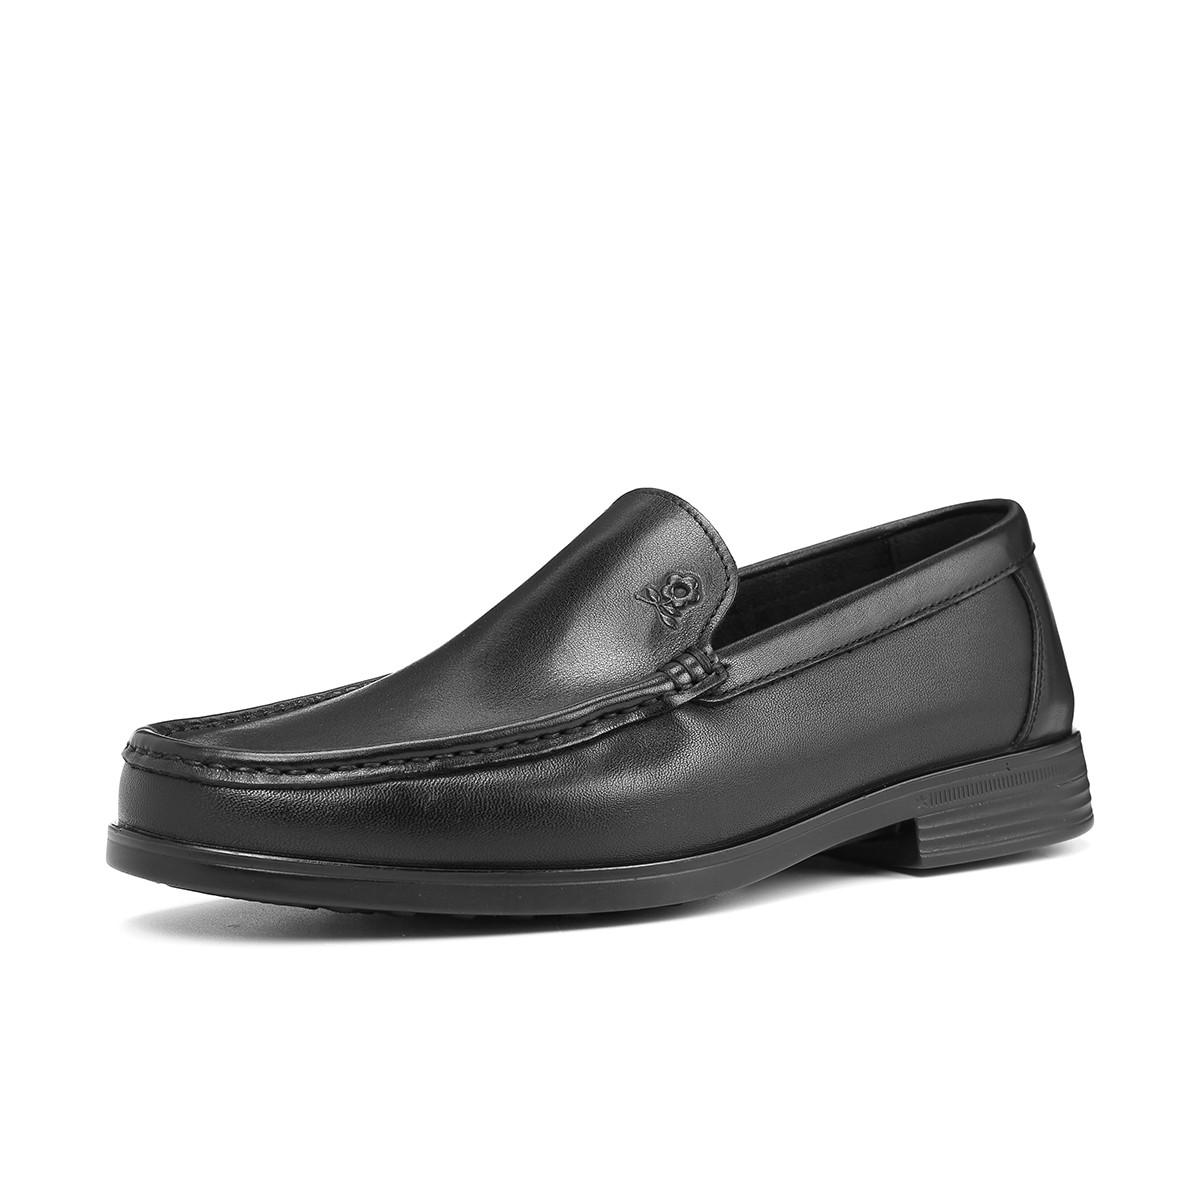 梦特娇2019新品牛皮套脚方头轻便柔软舒适经典商务鞋男鞋A61294137A